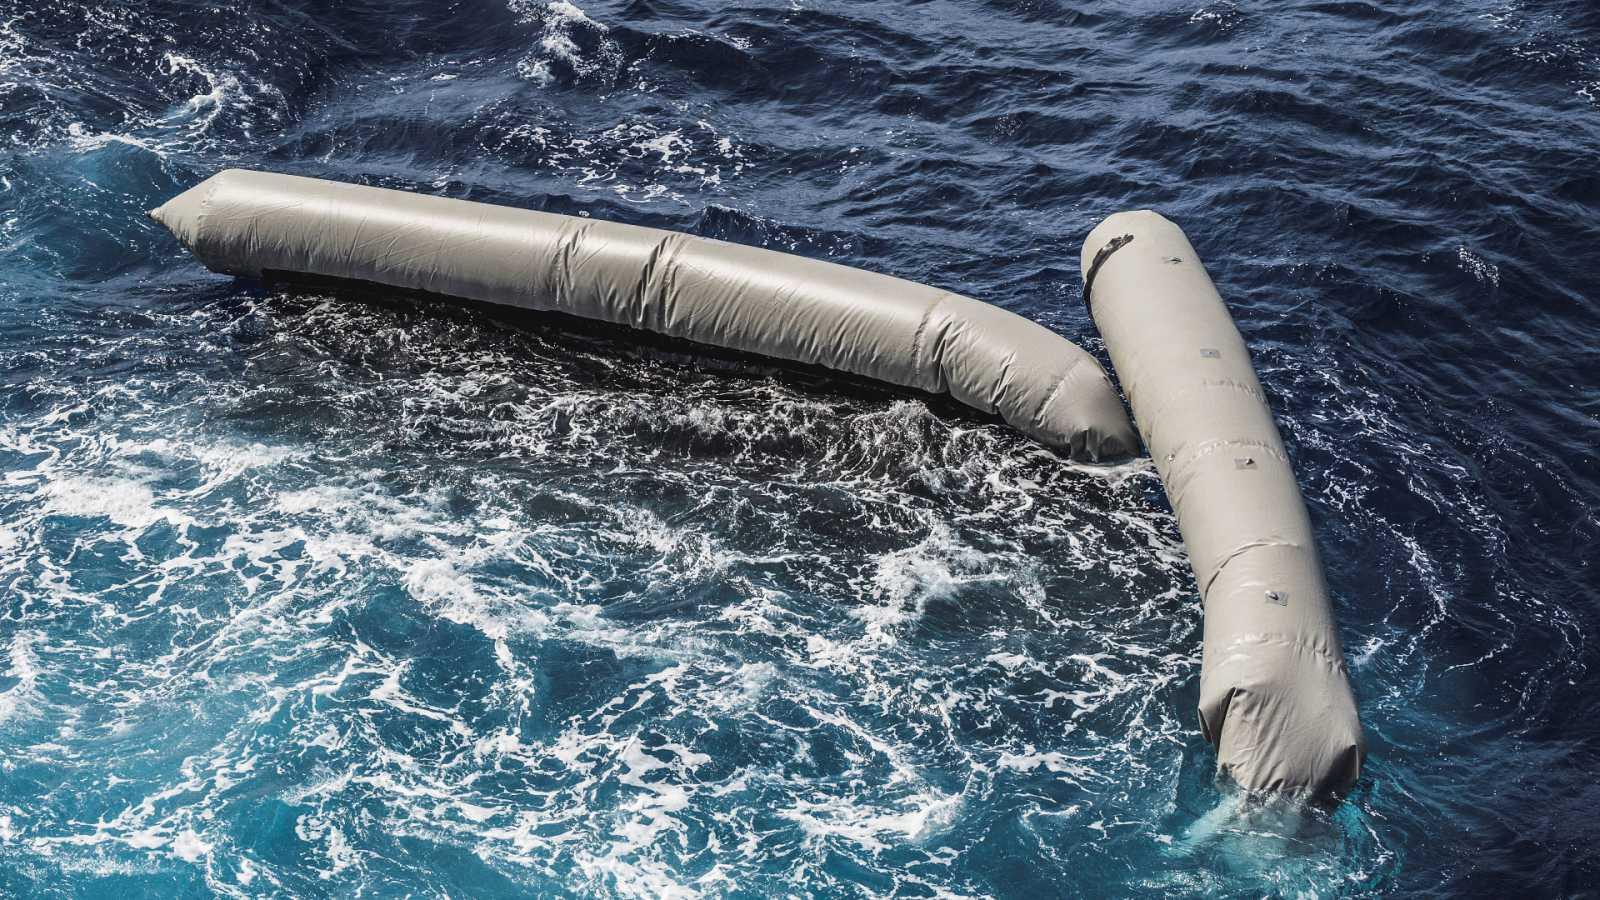 Imagen del naufragio de la embarcación